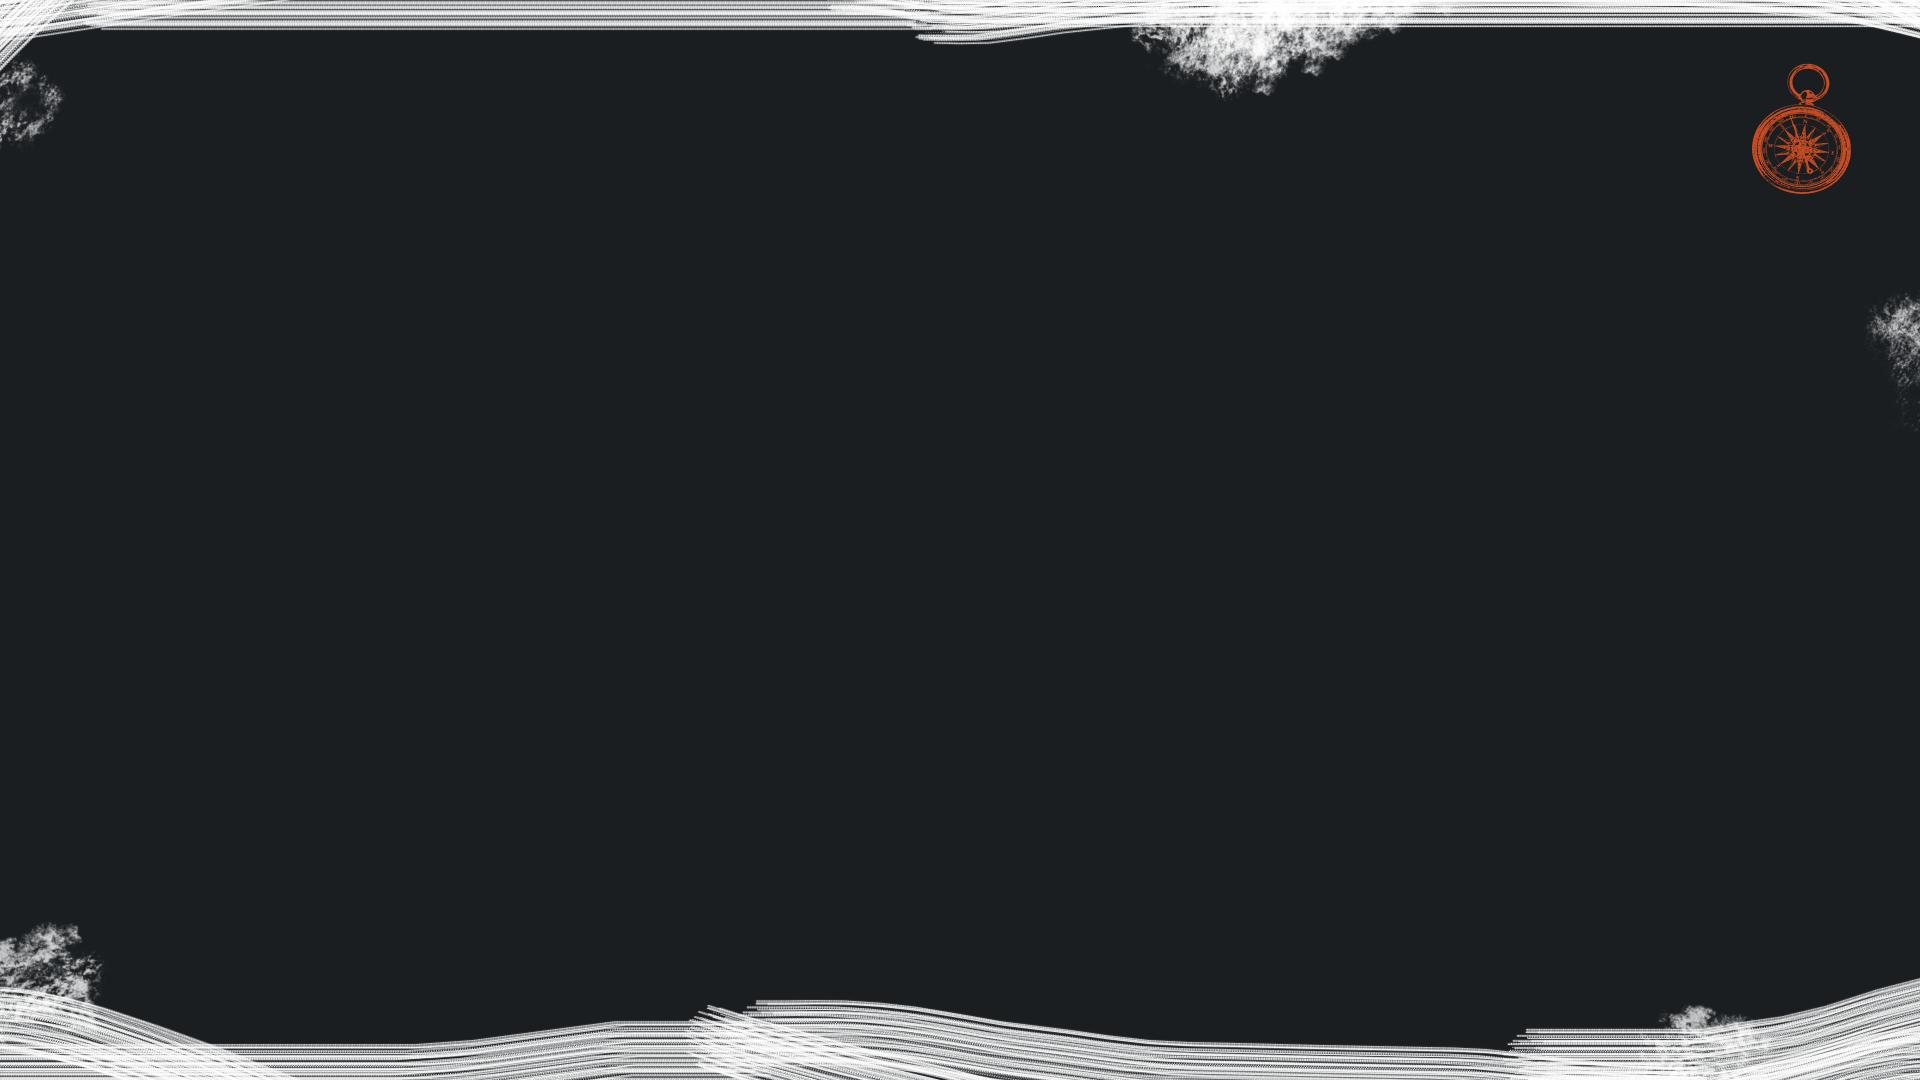 Hintergrund grau Uhr